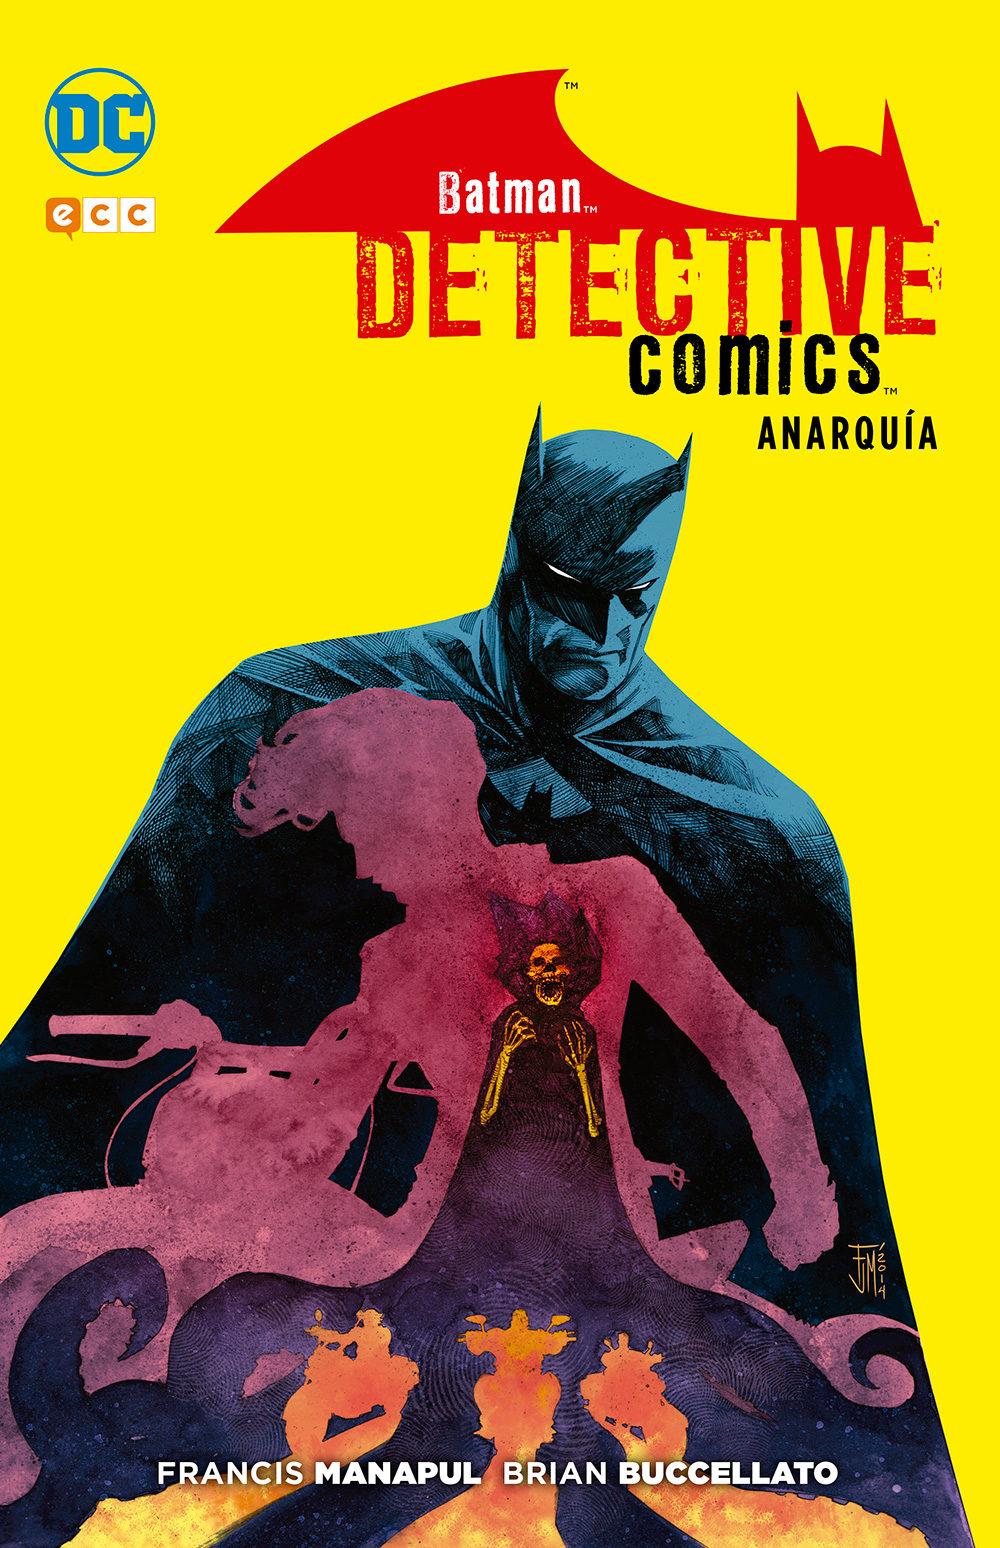 Batman: Detective Comics - Anarquia - Manapul Francis